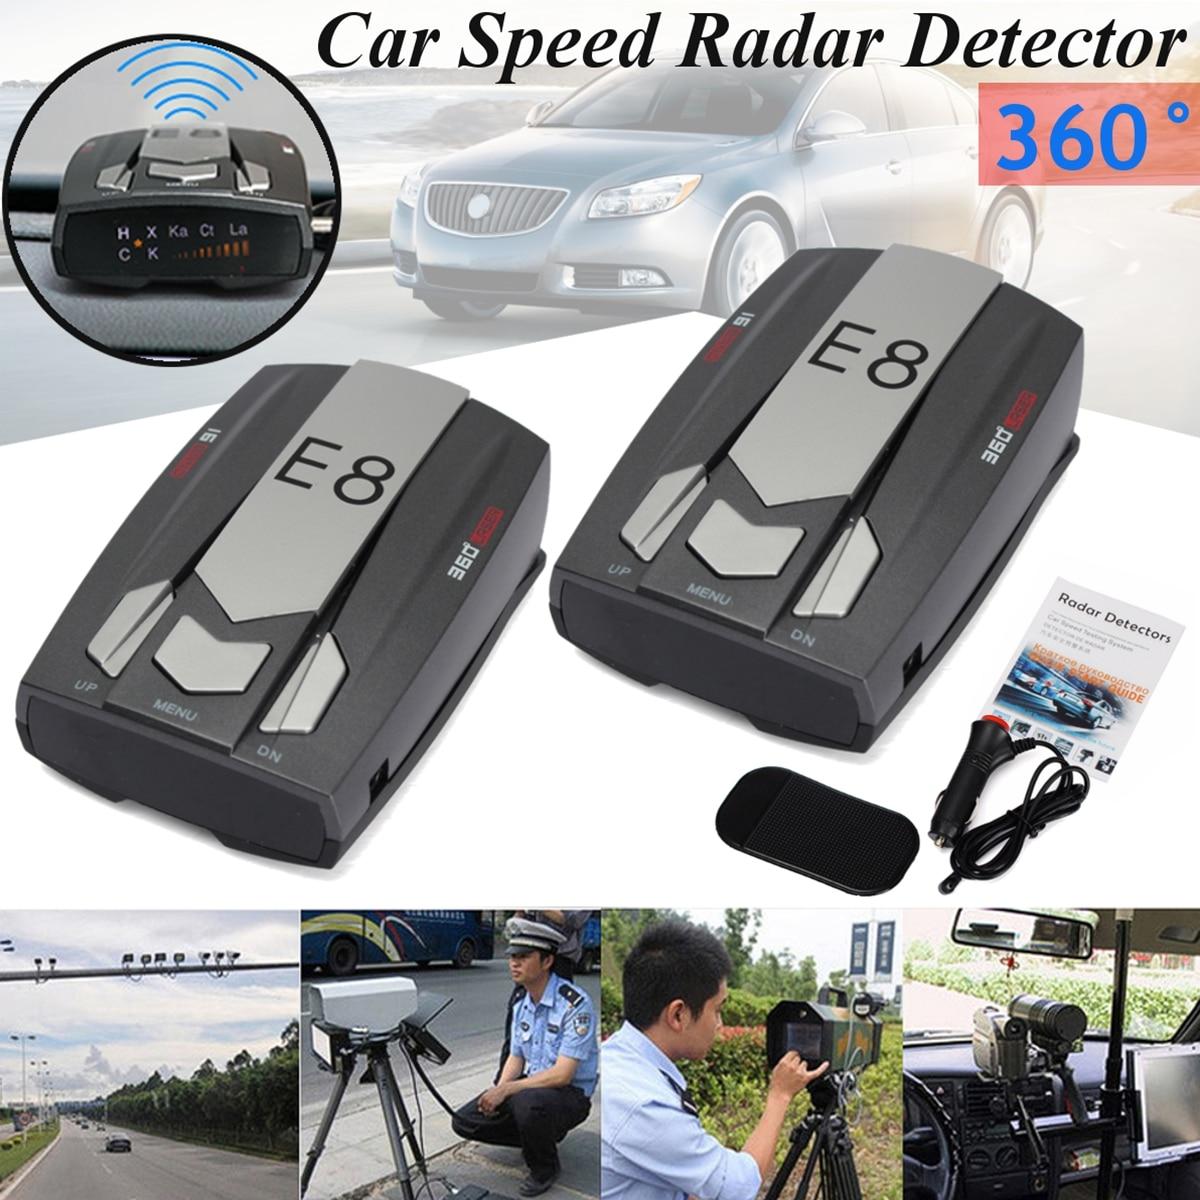 [해외]쌍 러시아 / 영어 음성 E8 자동차 레이더 탐지기 360도 LED 디스플레이 경고 경고 안티 레이더 감지기/Pair Russia / English Voice E8 Car Radar Detector 360 Degrees LED Display Alert Warni